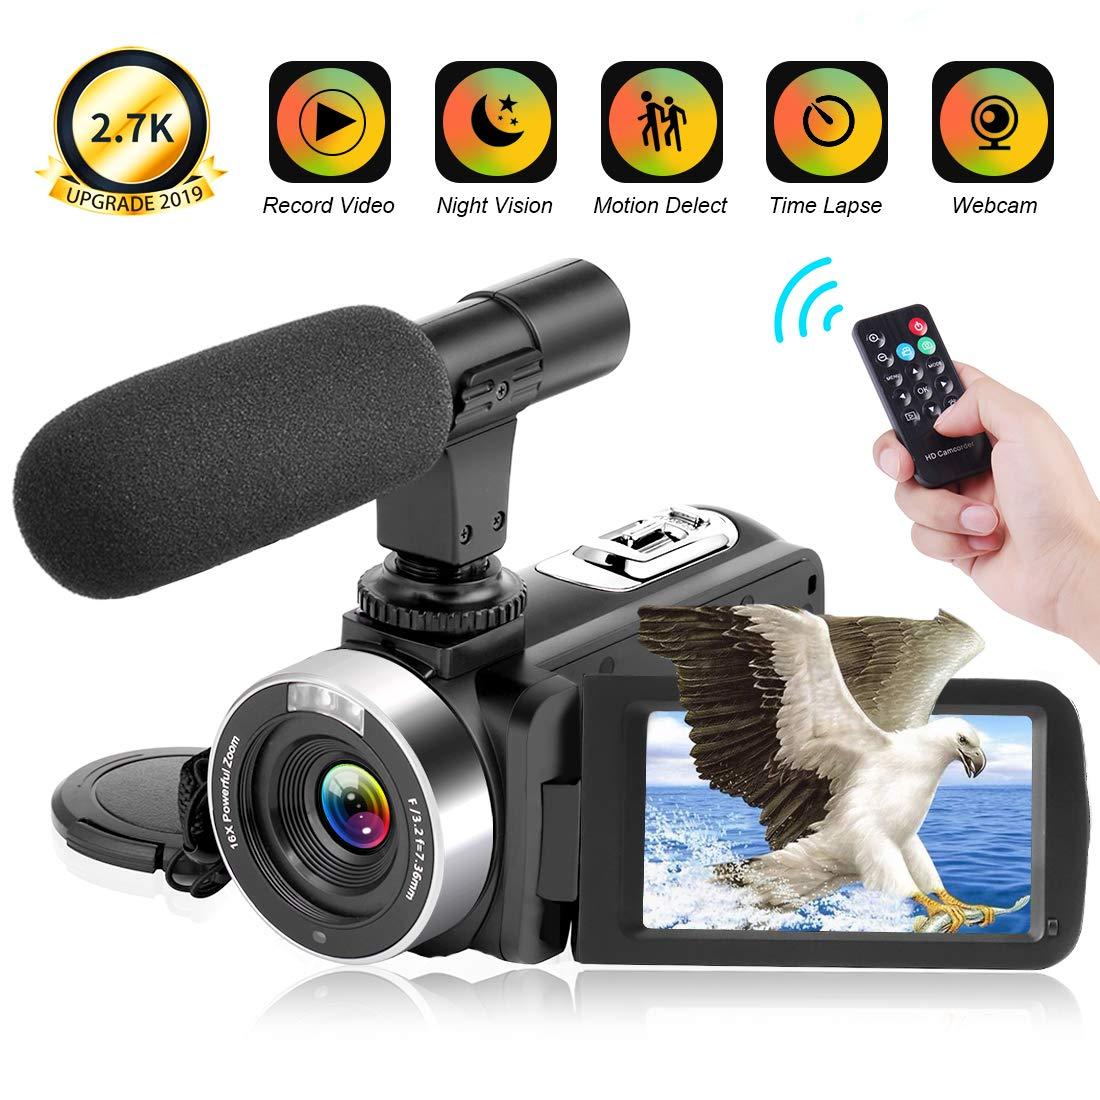 Camcorder Digital Vlogging Microphone Recorder